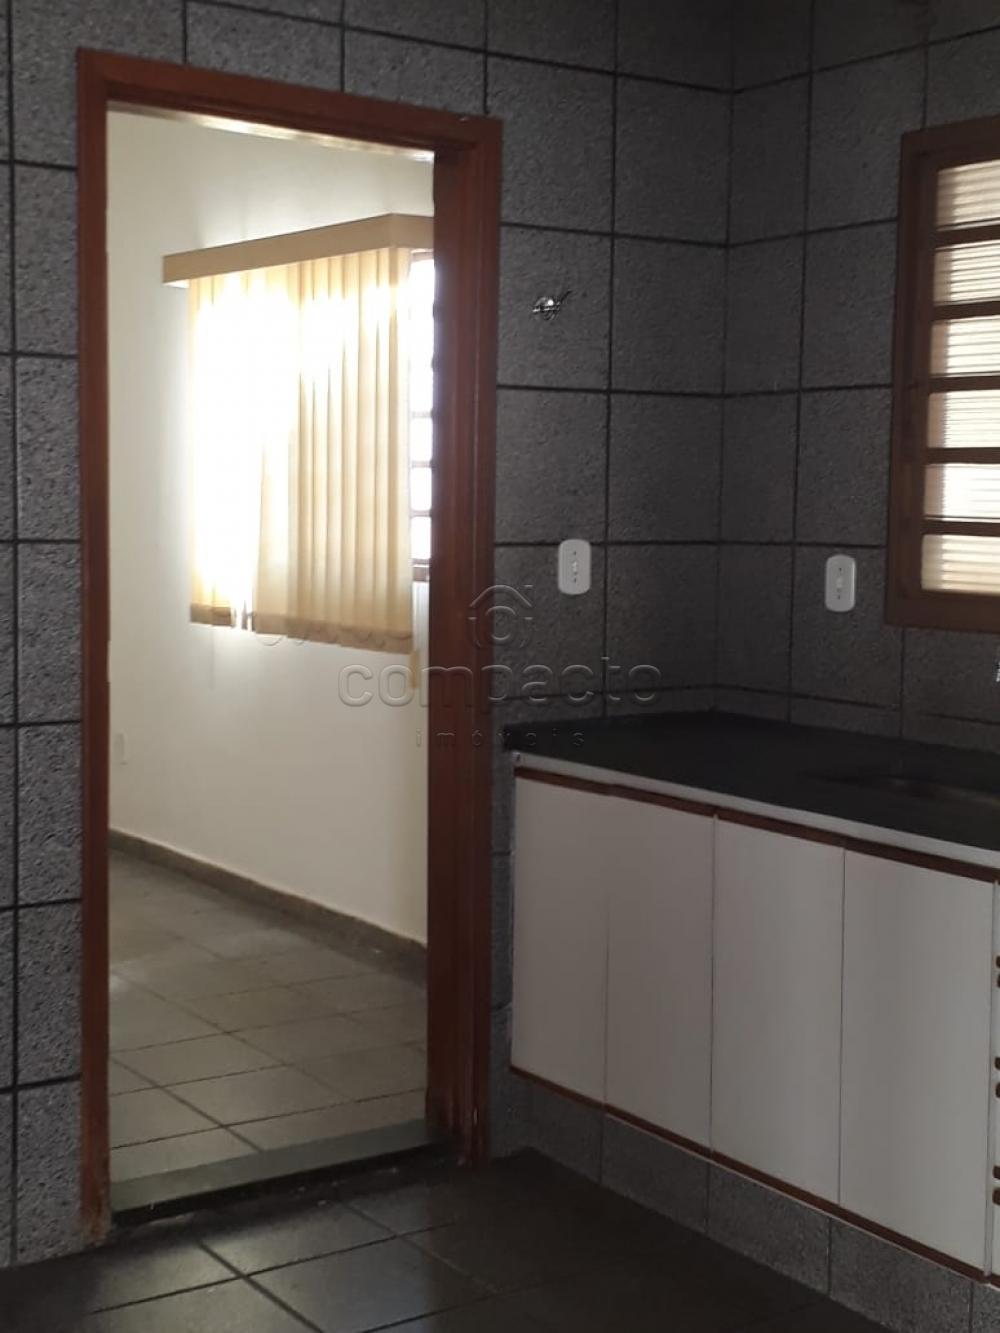 Alugar Casa / Padrão em São José do Rio Preto apenas R$ 1.500,00 - Foto 8